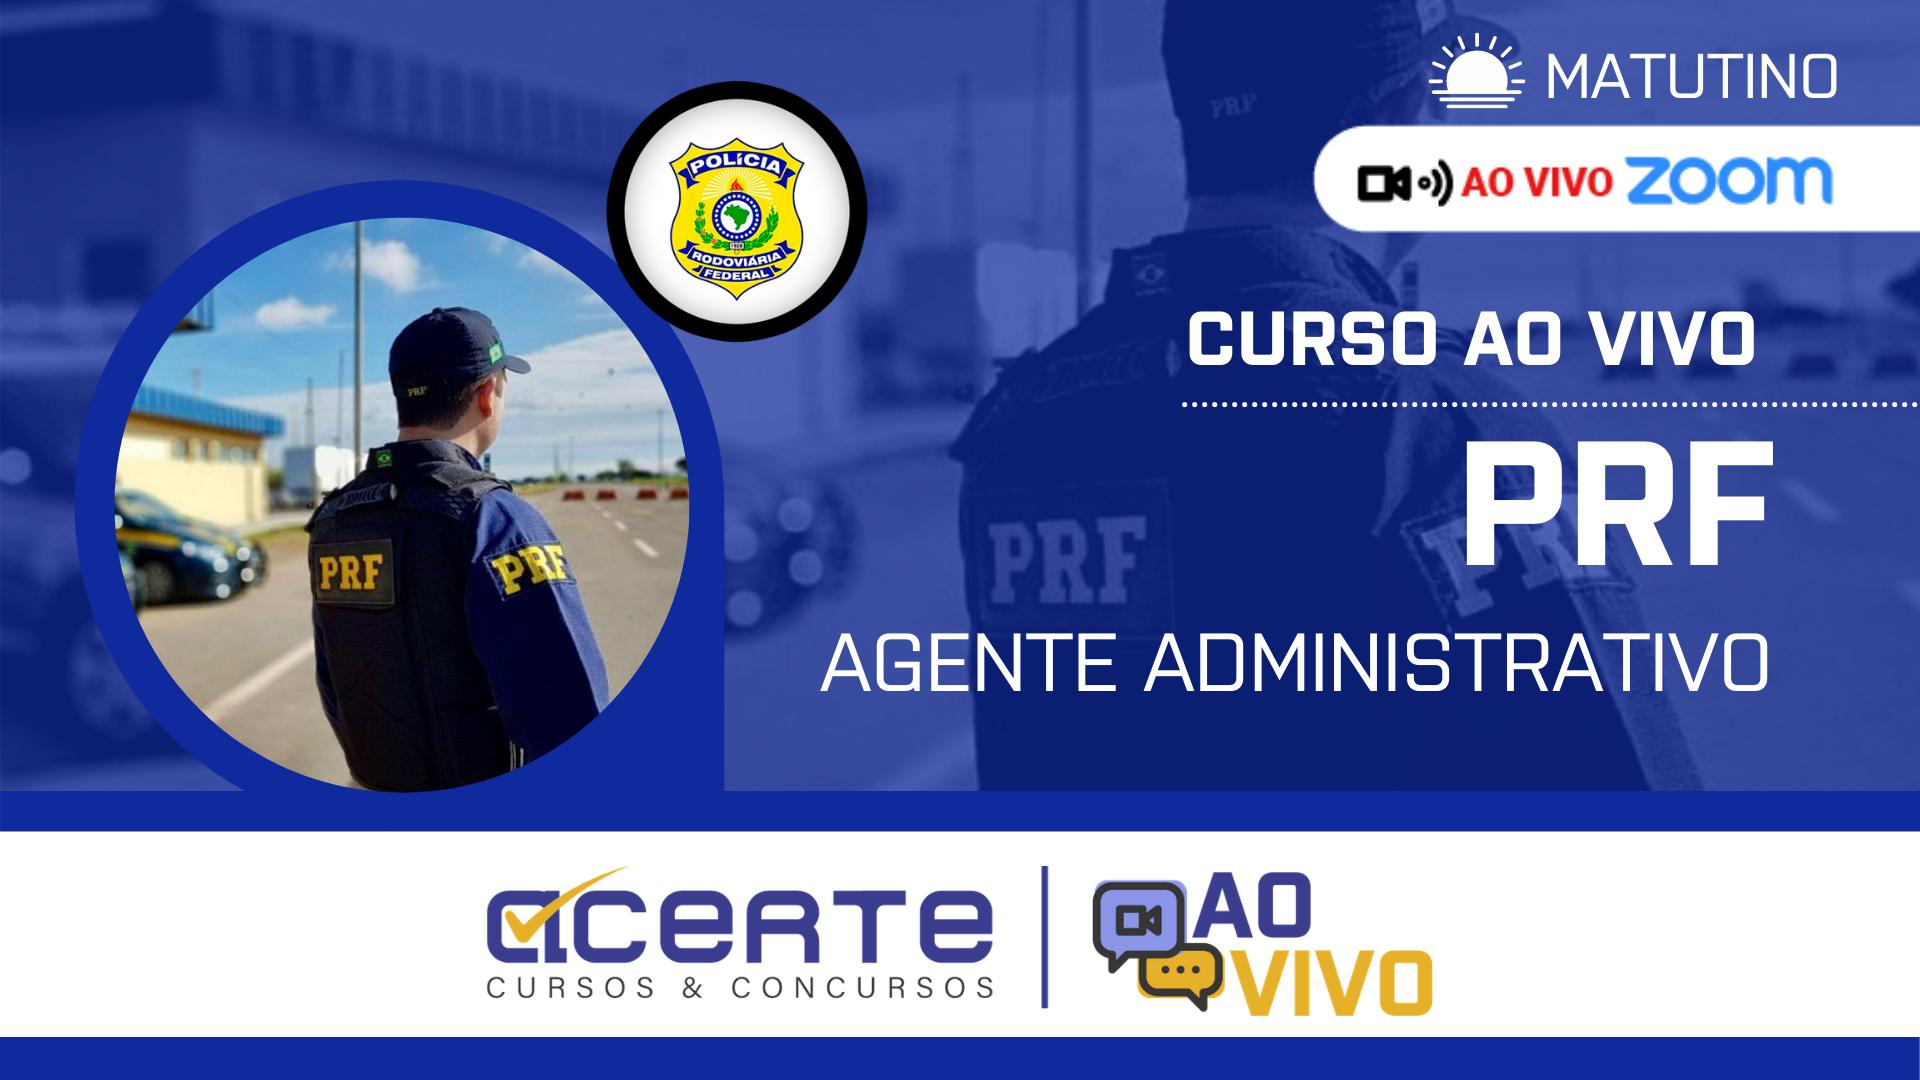 Polícia Rodoviária Federal - PRF - Agente Administrativo AO VIVO - Matutino